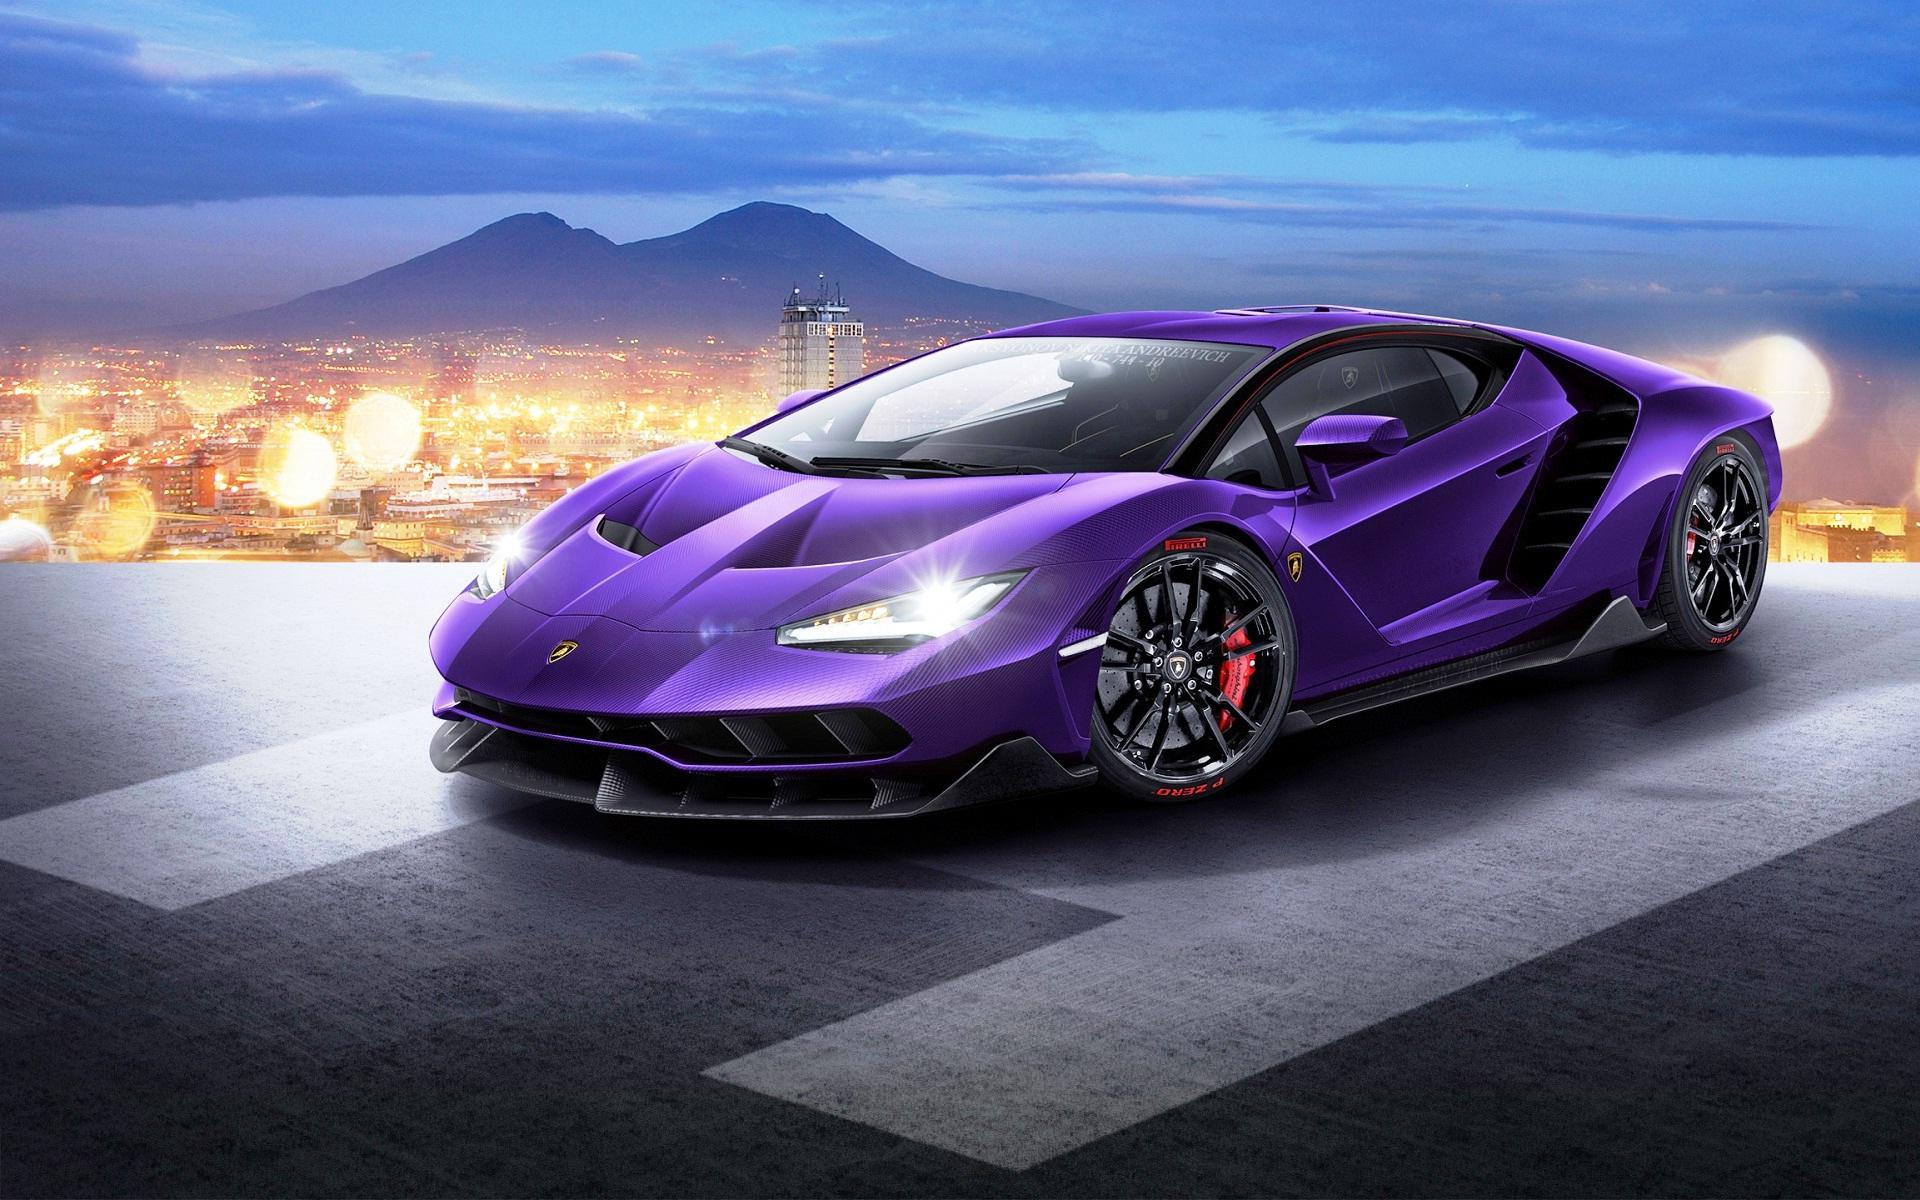 26 Purple Lamborghini Wallpapers On Wallpapersafari